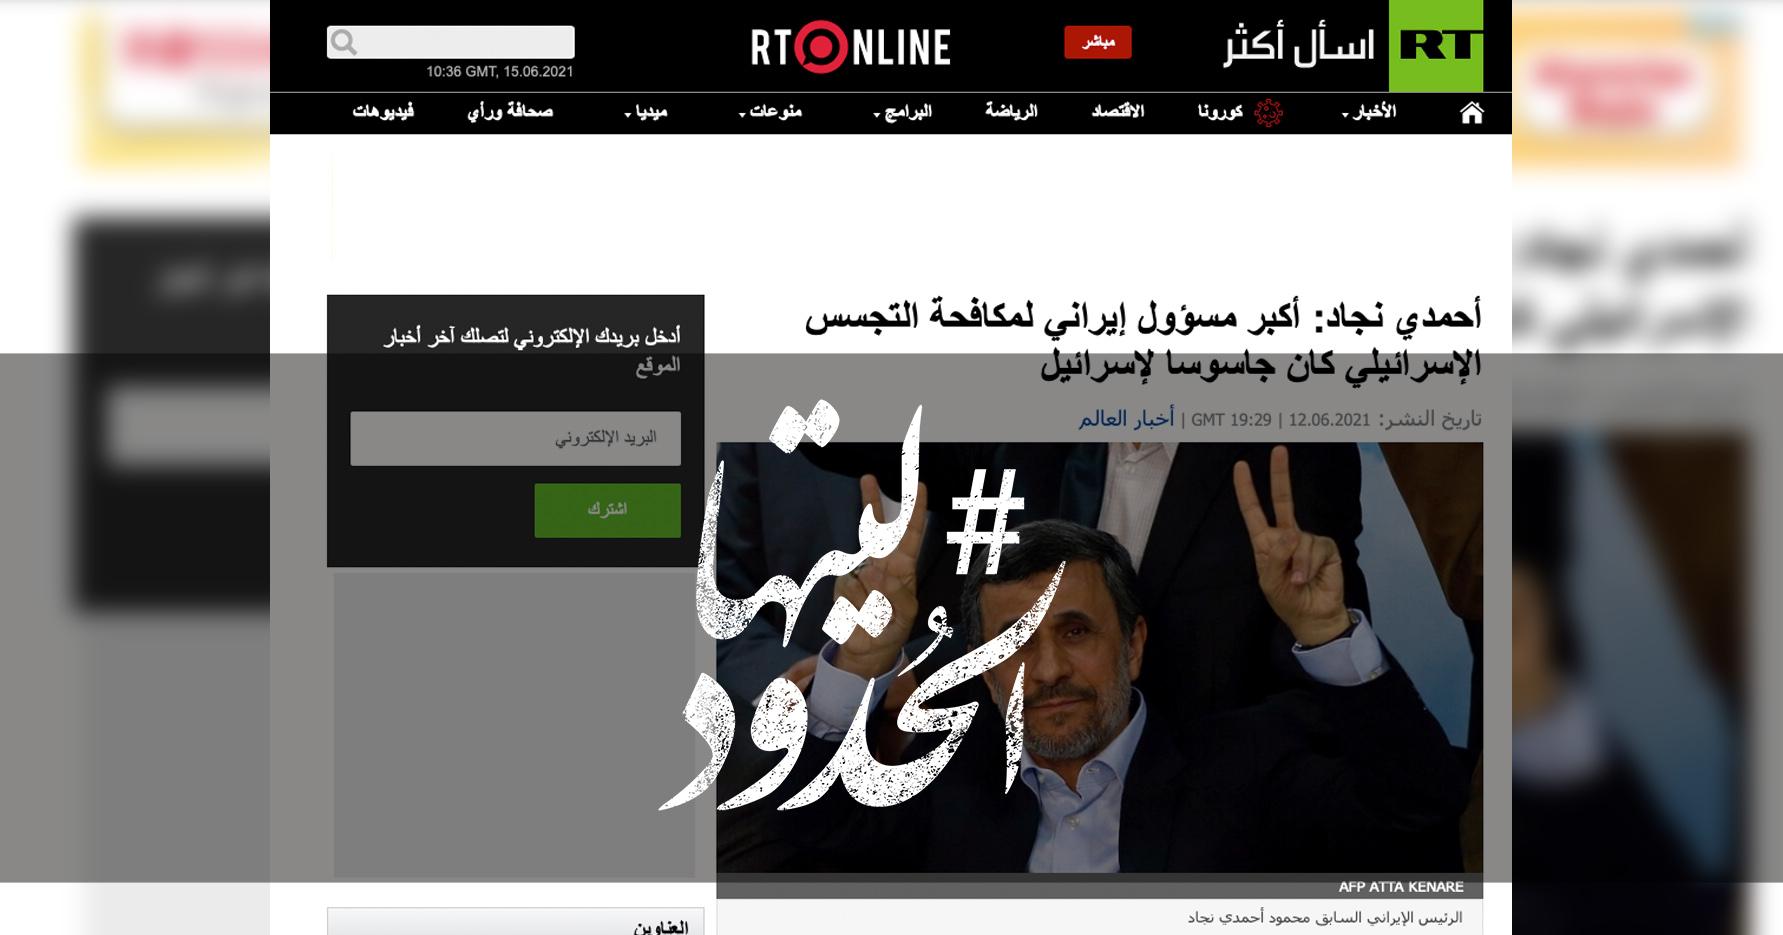 صورة أحمدي نجاد: أكبر مسؤول إيراني لمكافحة التجسس الإسرائيلي كان جاسوسا لإسرائيل